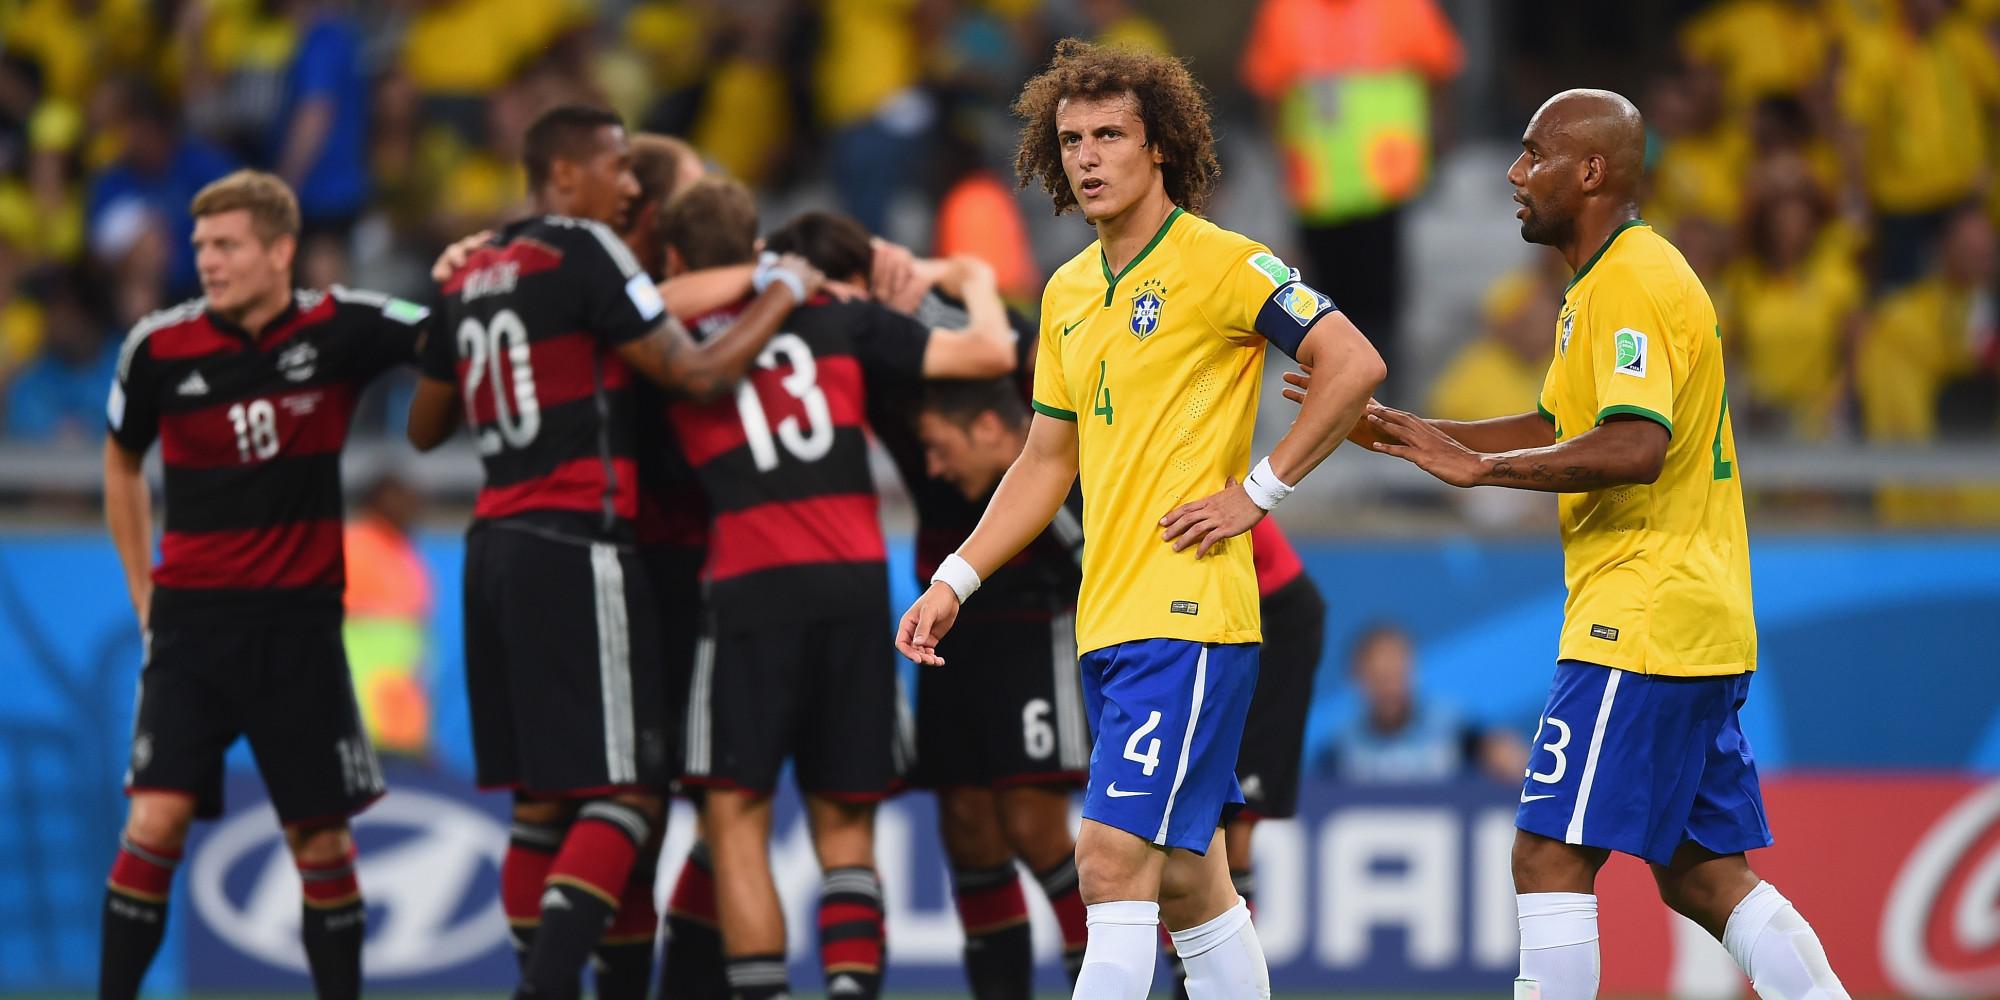 Brasil e Alemanha - Formula 1 e a Copa do Mundo - Opinião do Danilão by huffpost.com